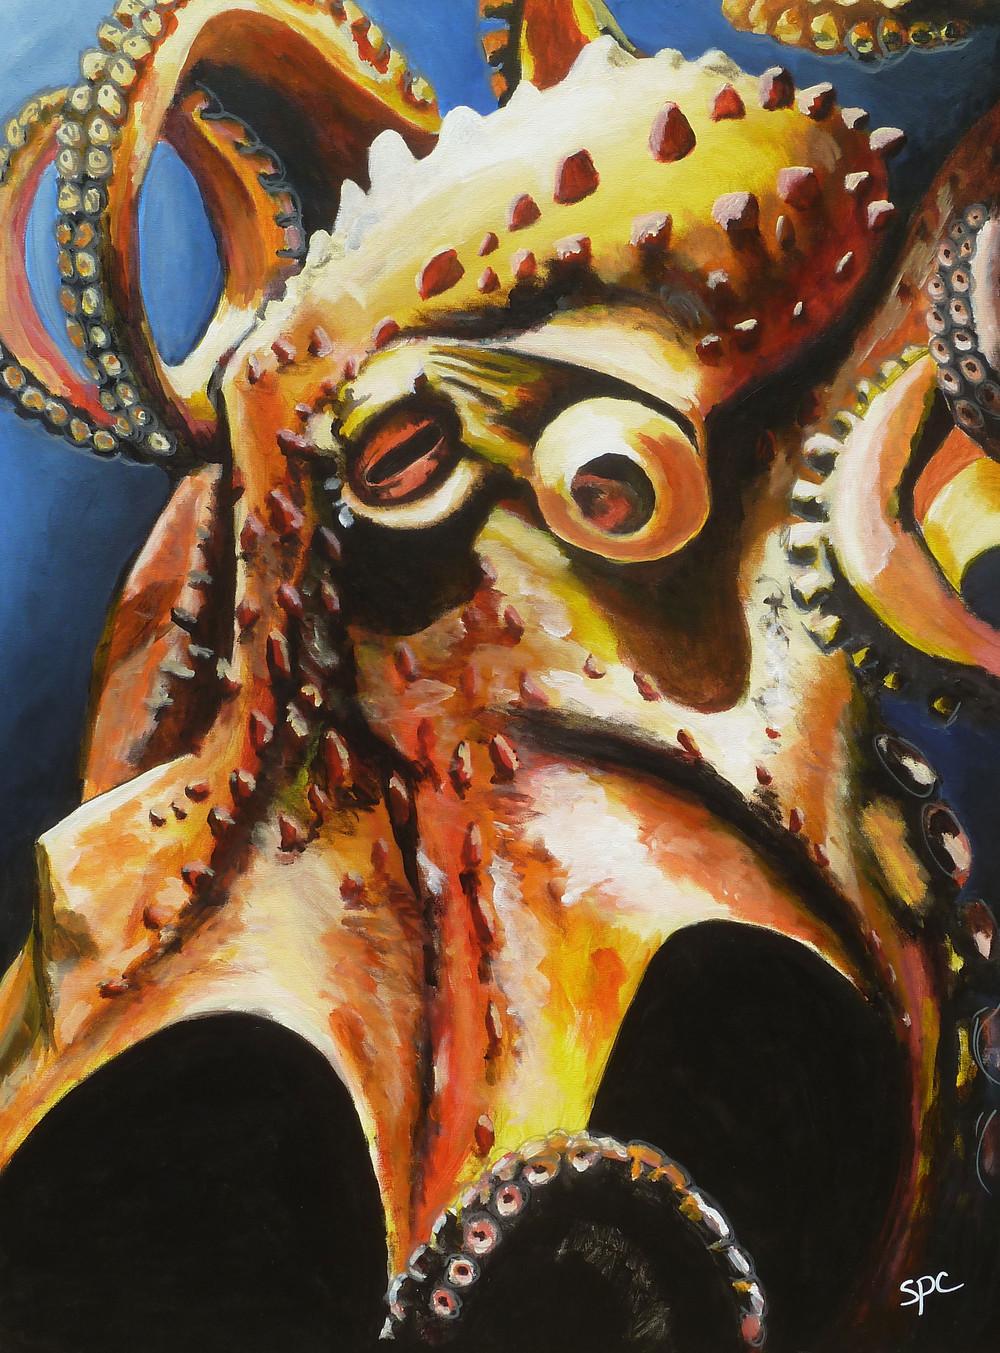 Hank: The Alien Mollusc